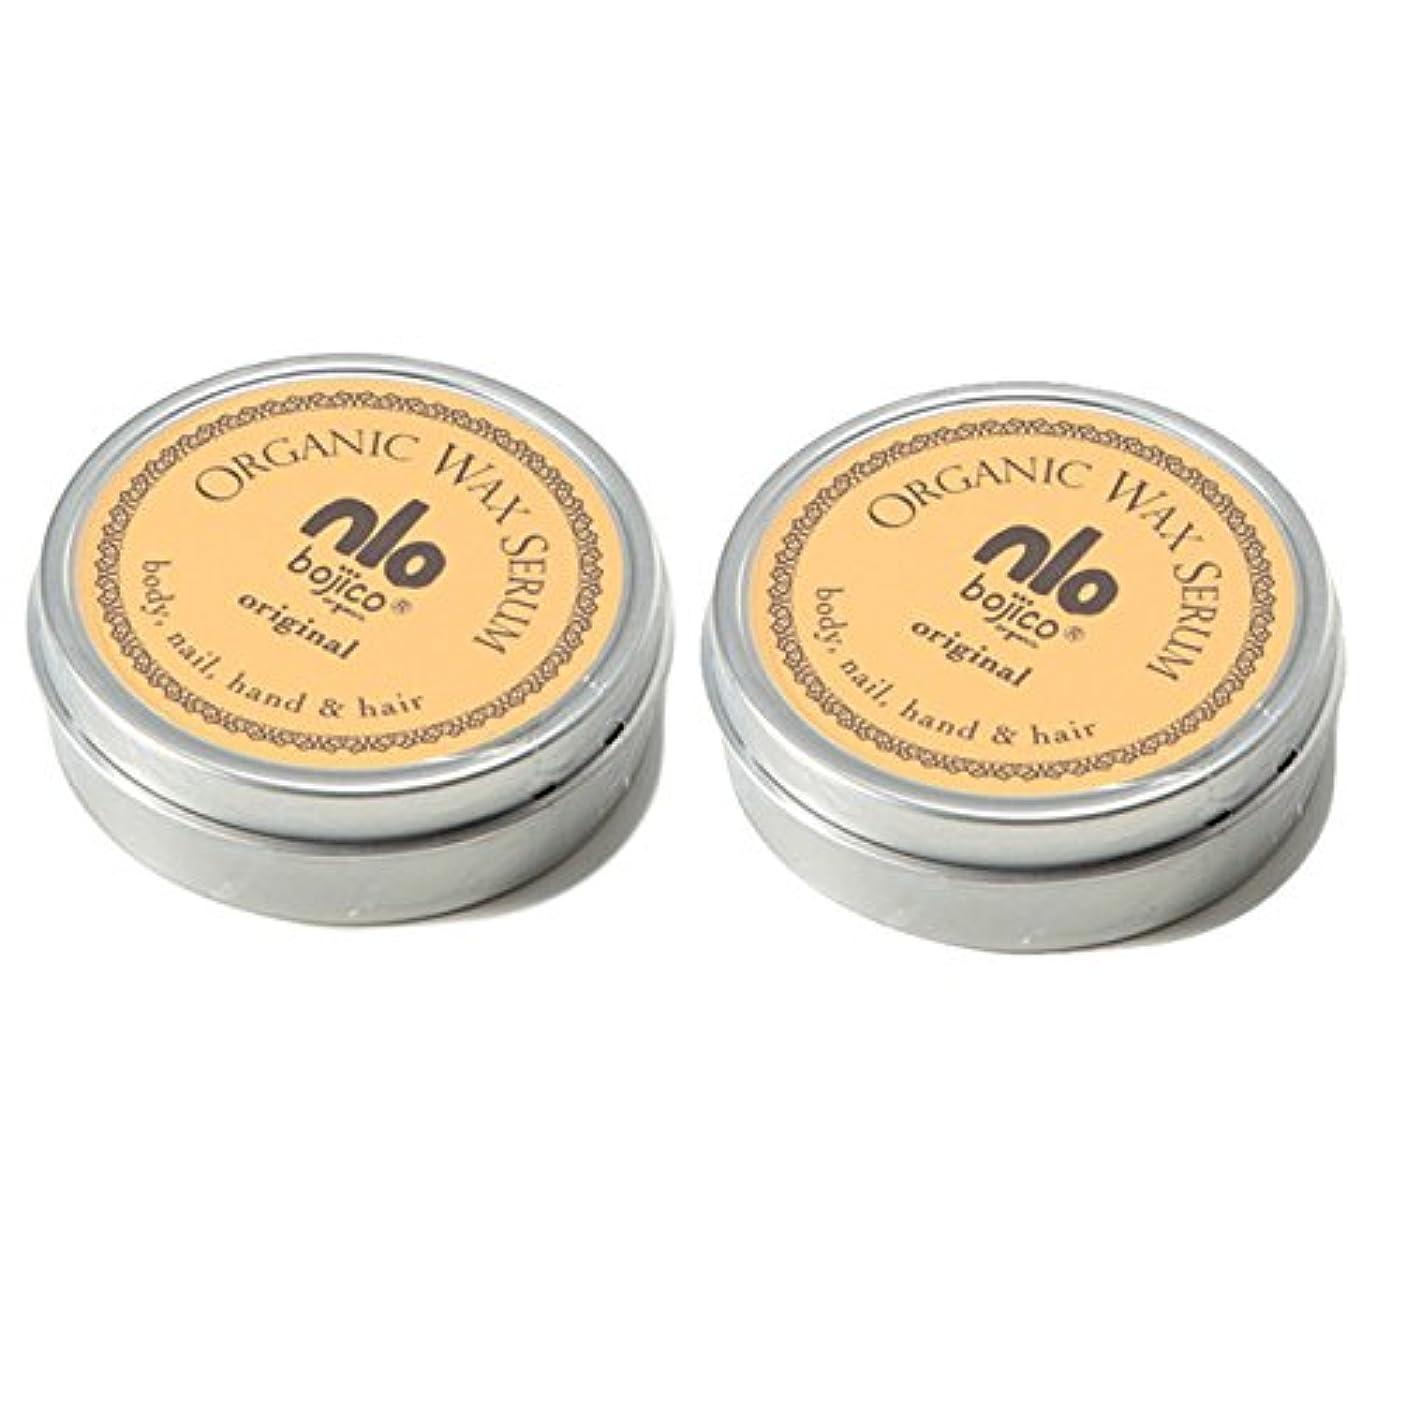 欠席抑止する既に【40g×2個セット】 ボジコ オーガニック ワックス セラム<オリジナル> bojico Organic Wax Serum 40g×2